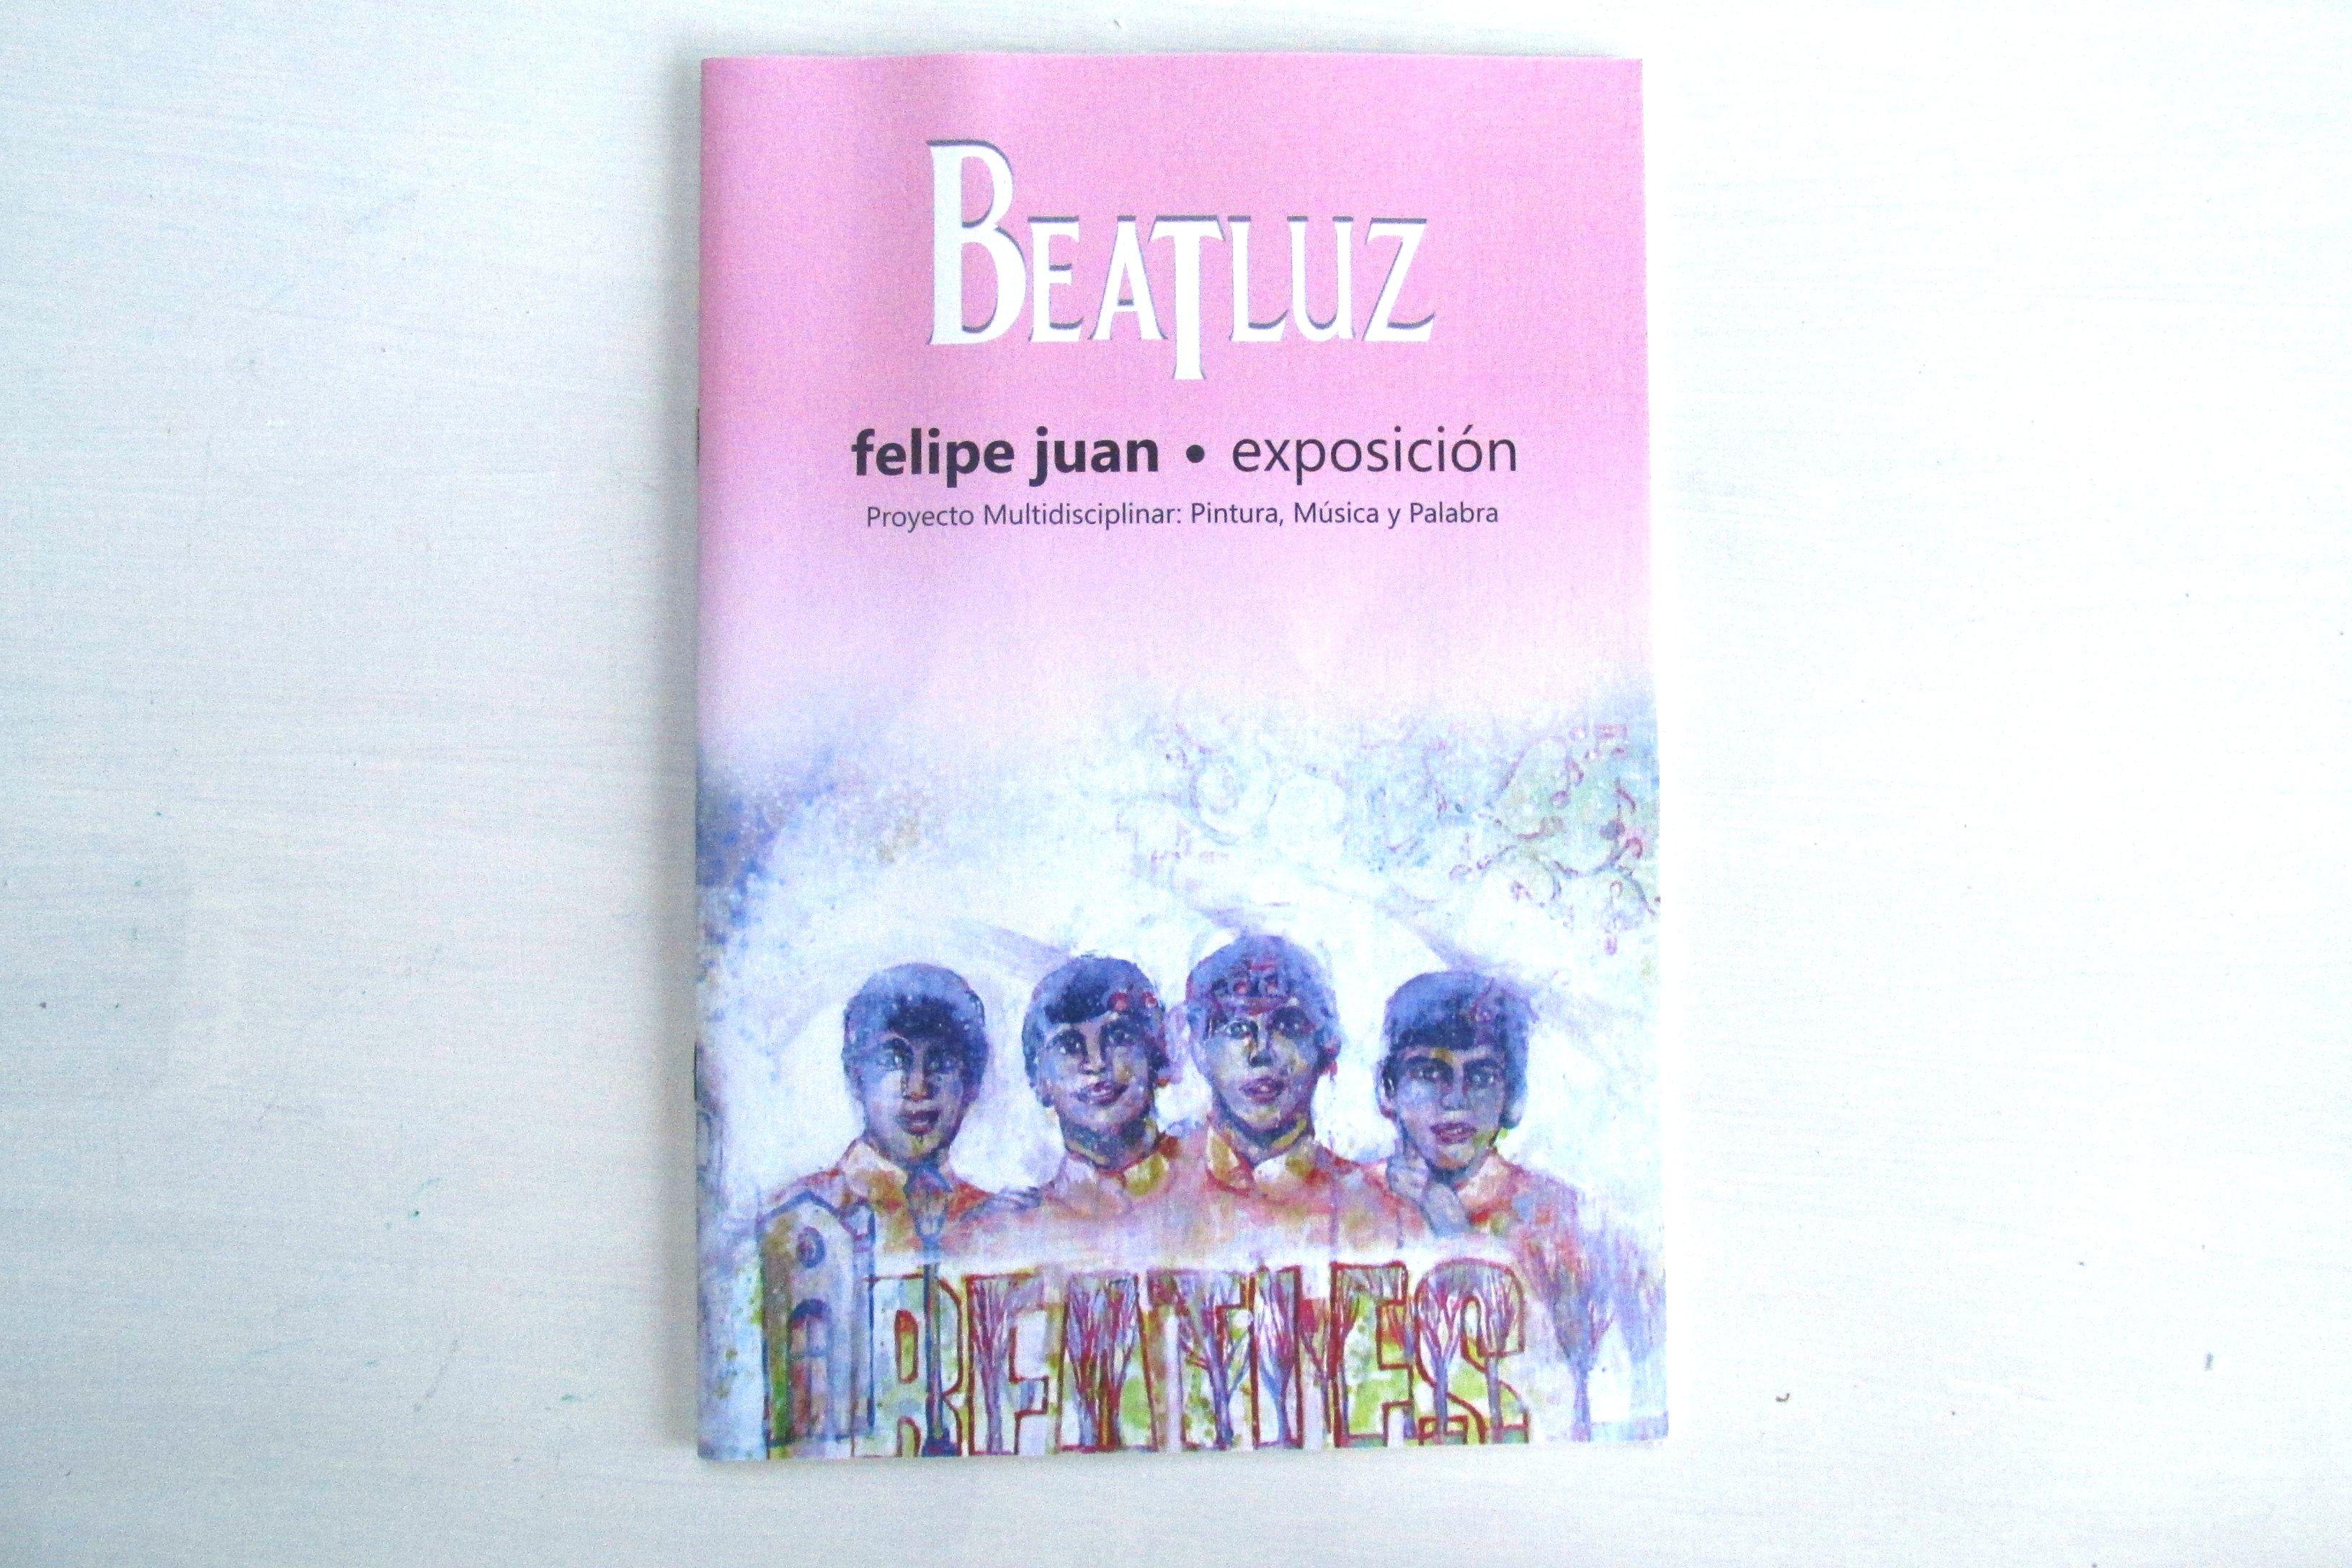 Catálogo Serie BeatLuz